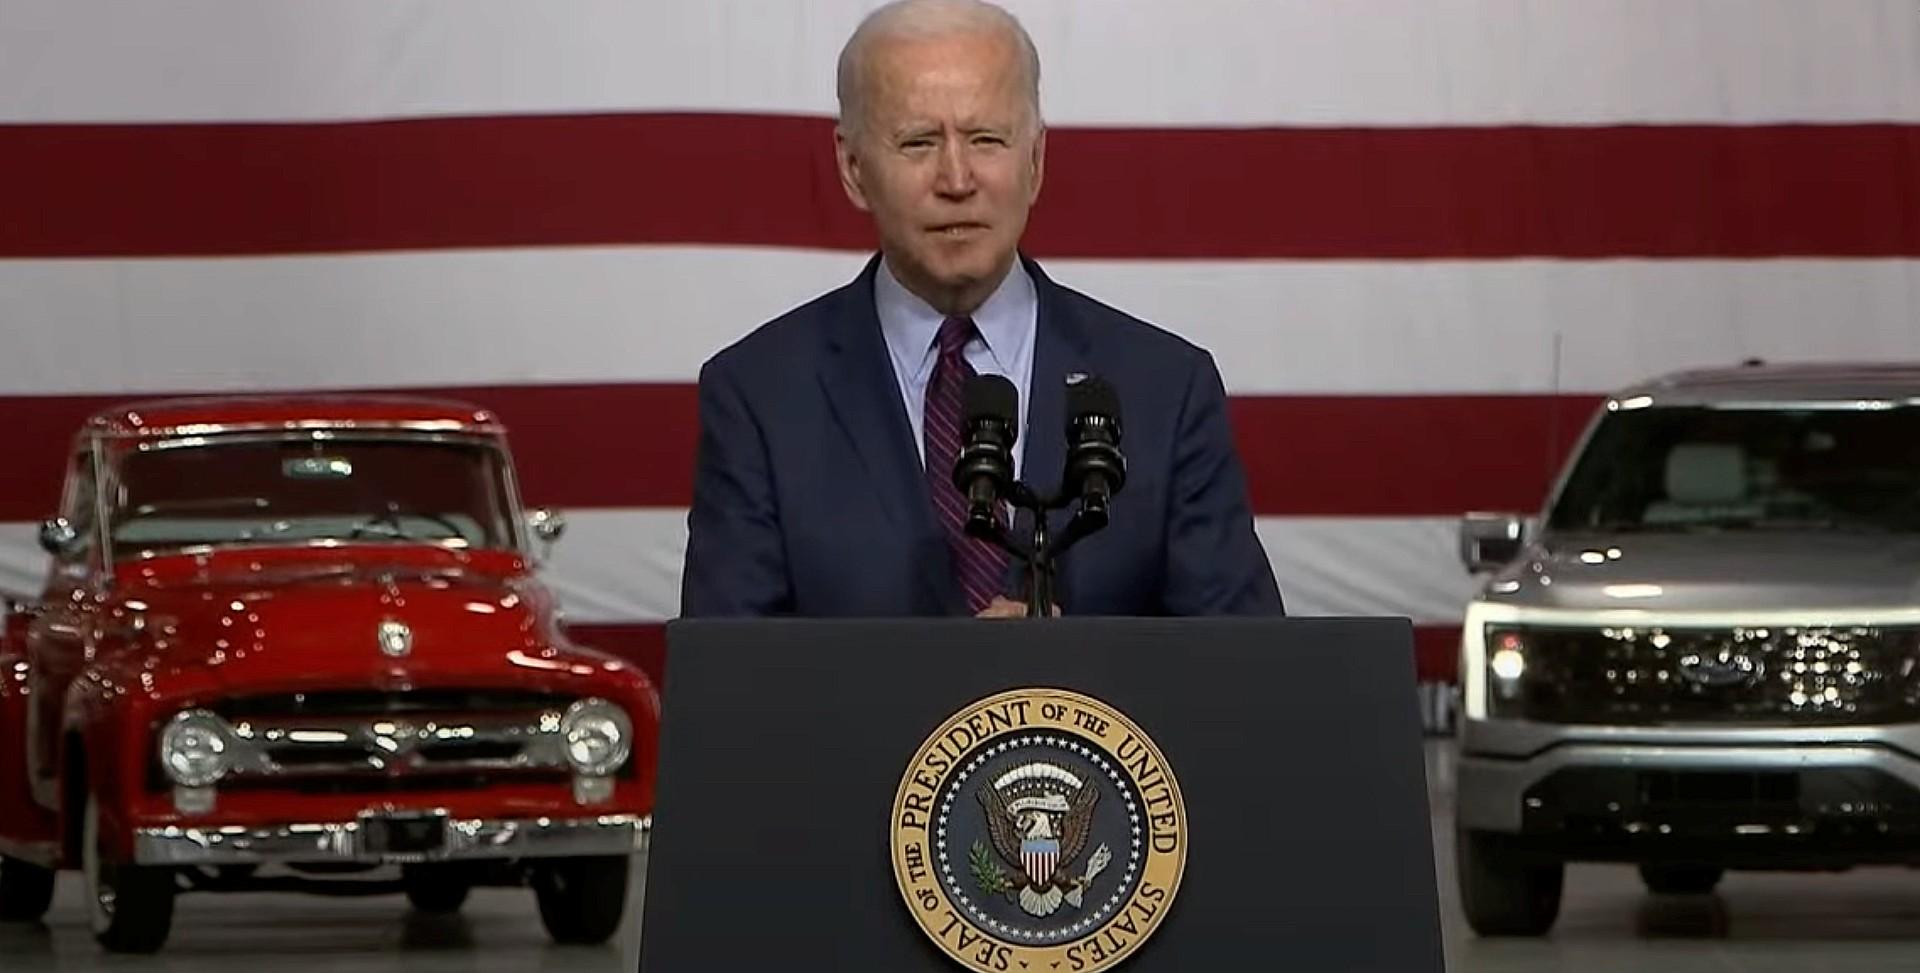 Речь президента Джо Байдена о бессмысленном электромобиле Tesla слишком поверила Форду [Opinion]